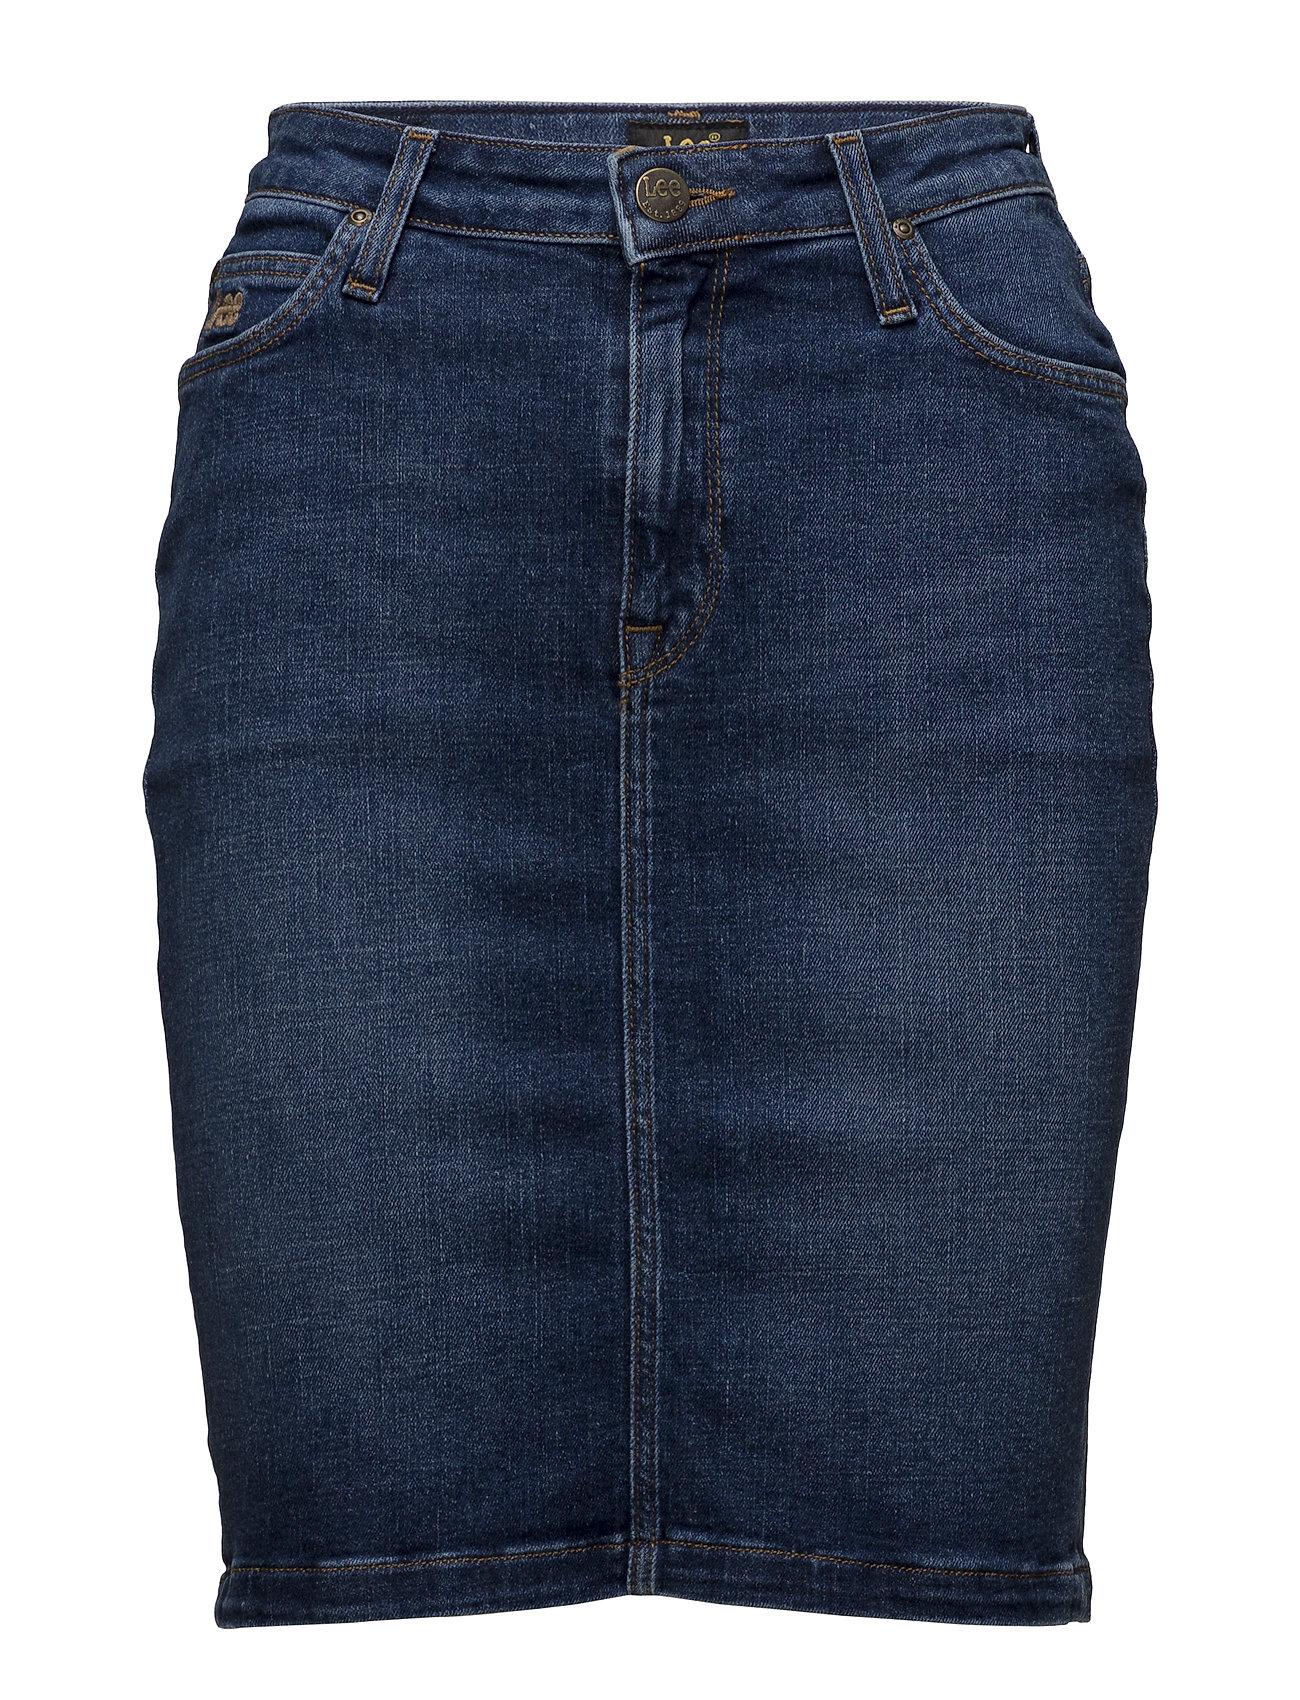 Lee Jeans HIGH WAIST SKIRT - TRUE BLUE